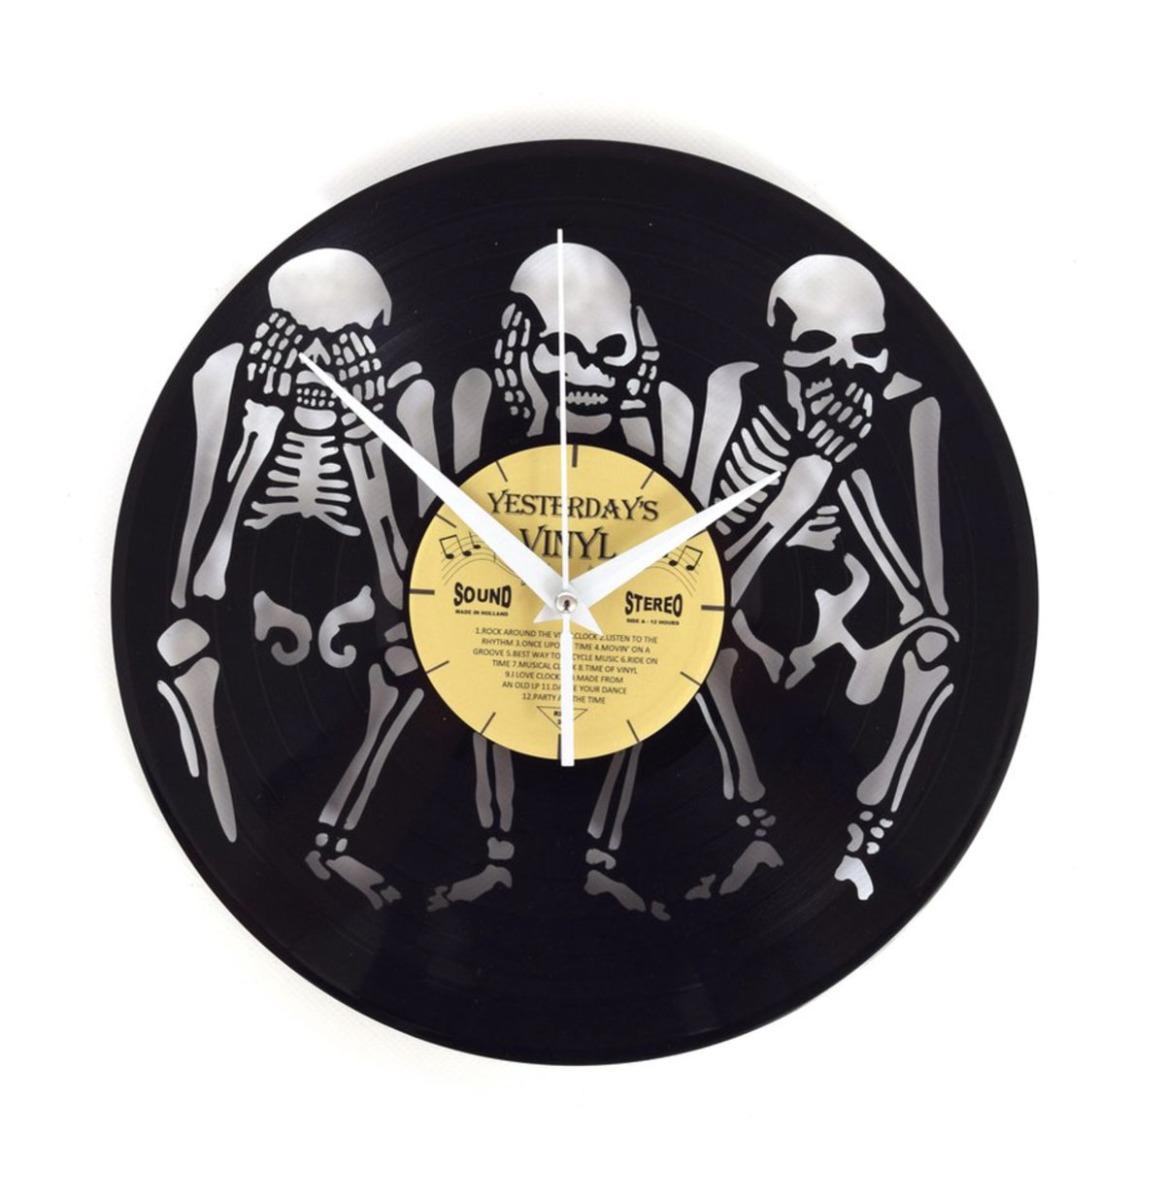 Fiftiesstore Vinyl Klok Horen, Zien, Zwijgen - Gemaakt Van Een Gerecyclede Plaat